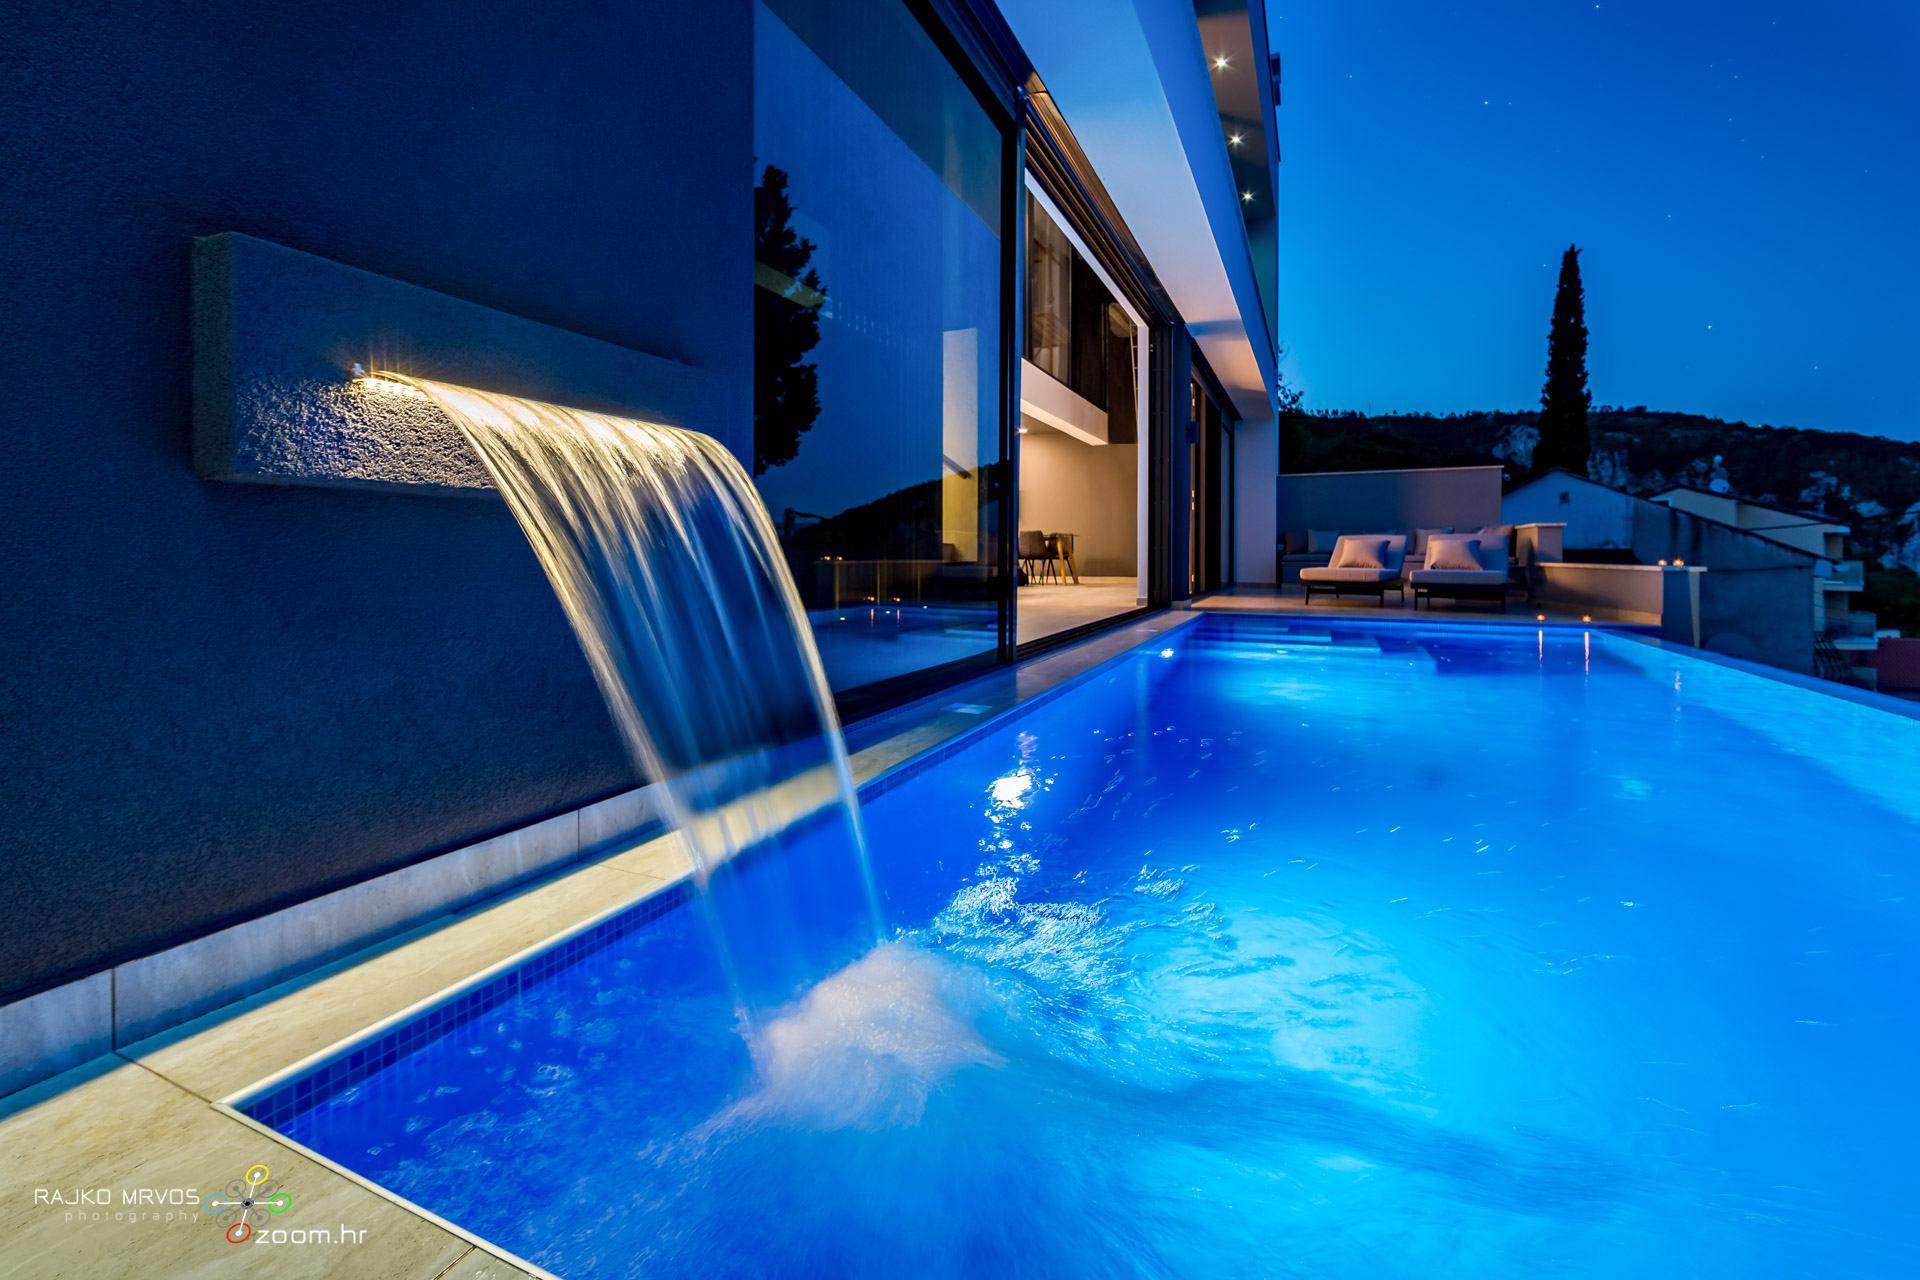 profesionalno-fotografiranje-vila-kuca-fotograf-villa-Sky-Pool-Villa-Medveja-10